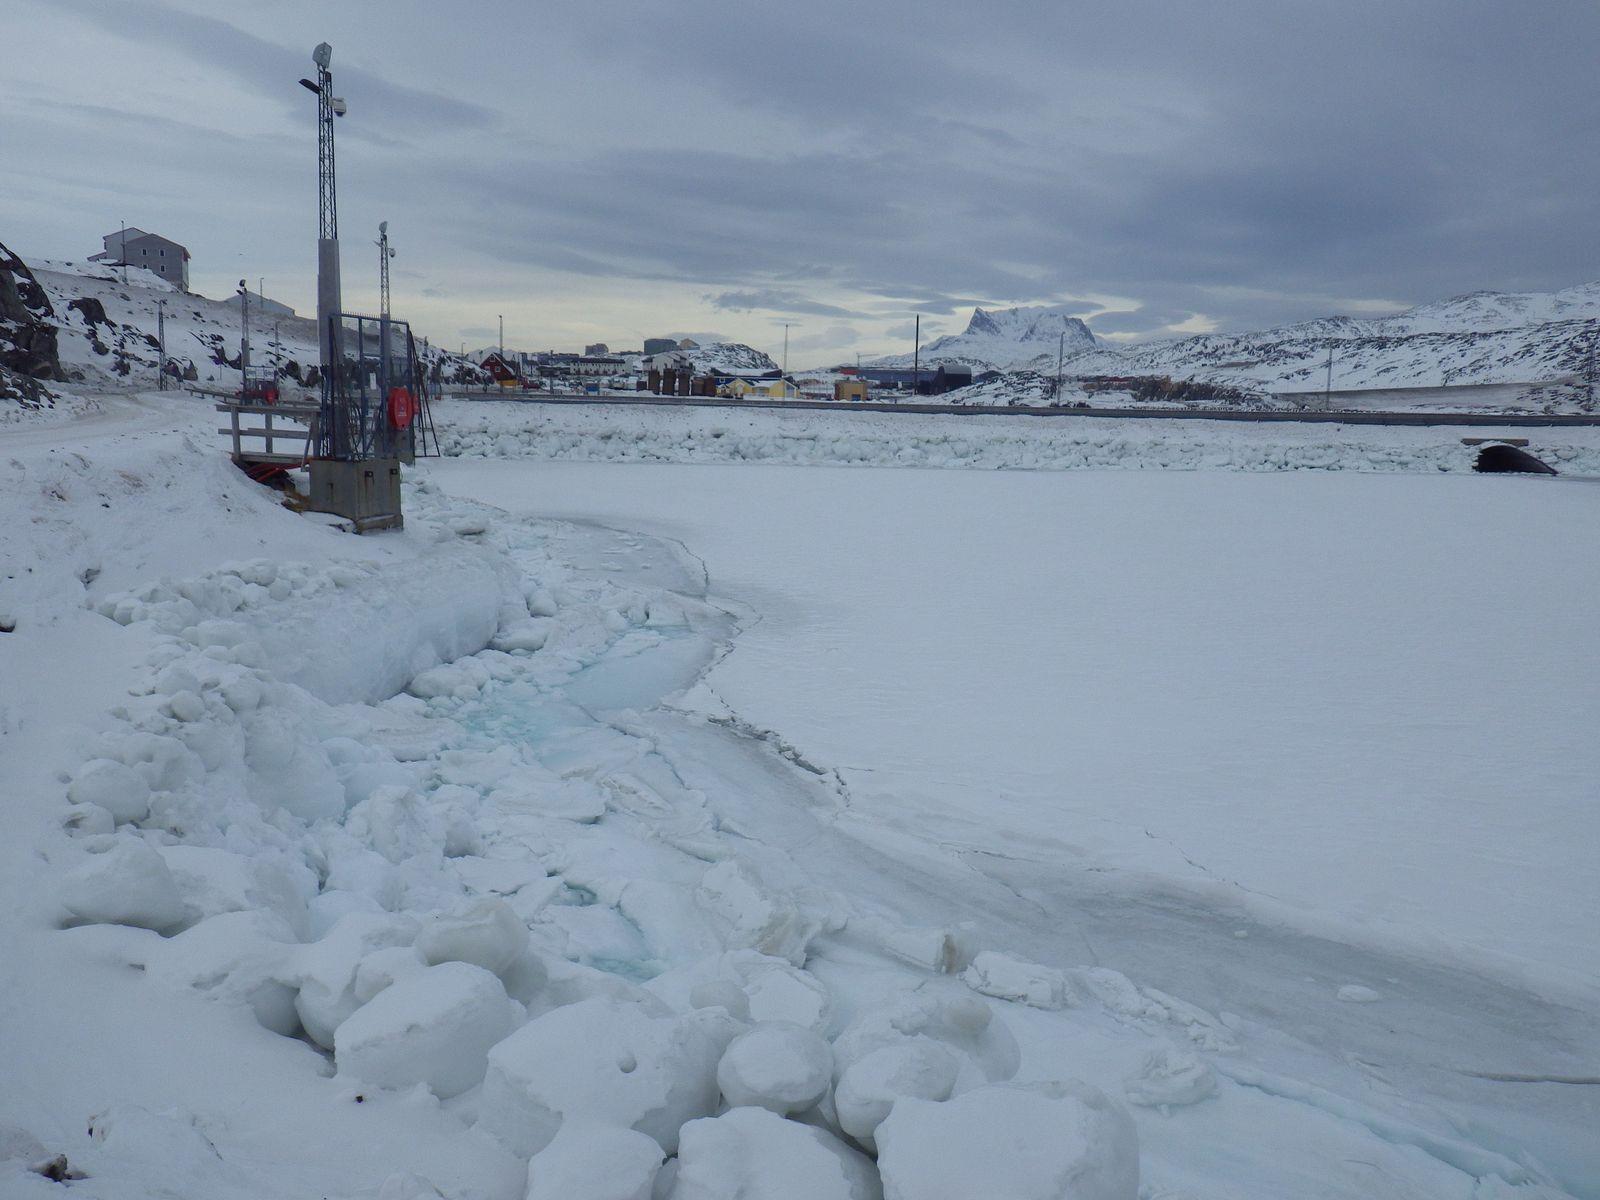 2014-02-27-1450_-_Gode_1_Sermitsiaq